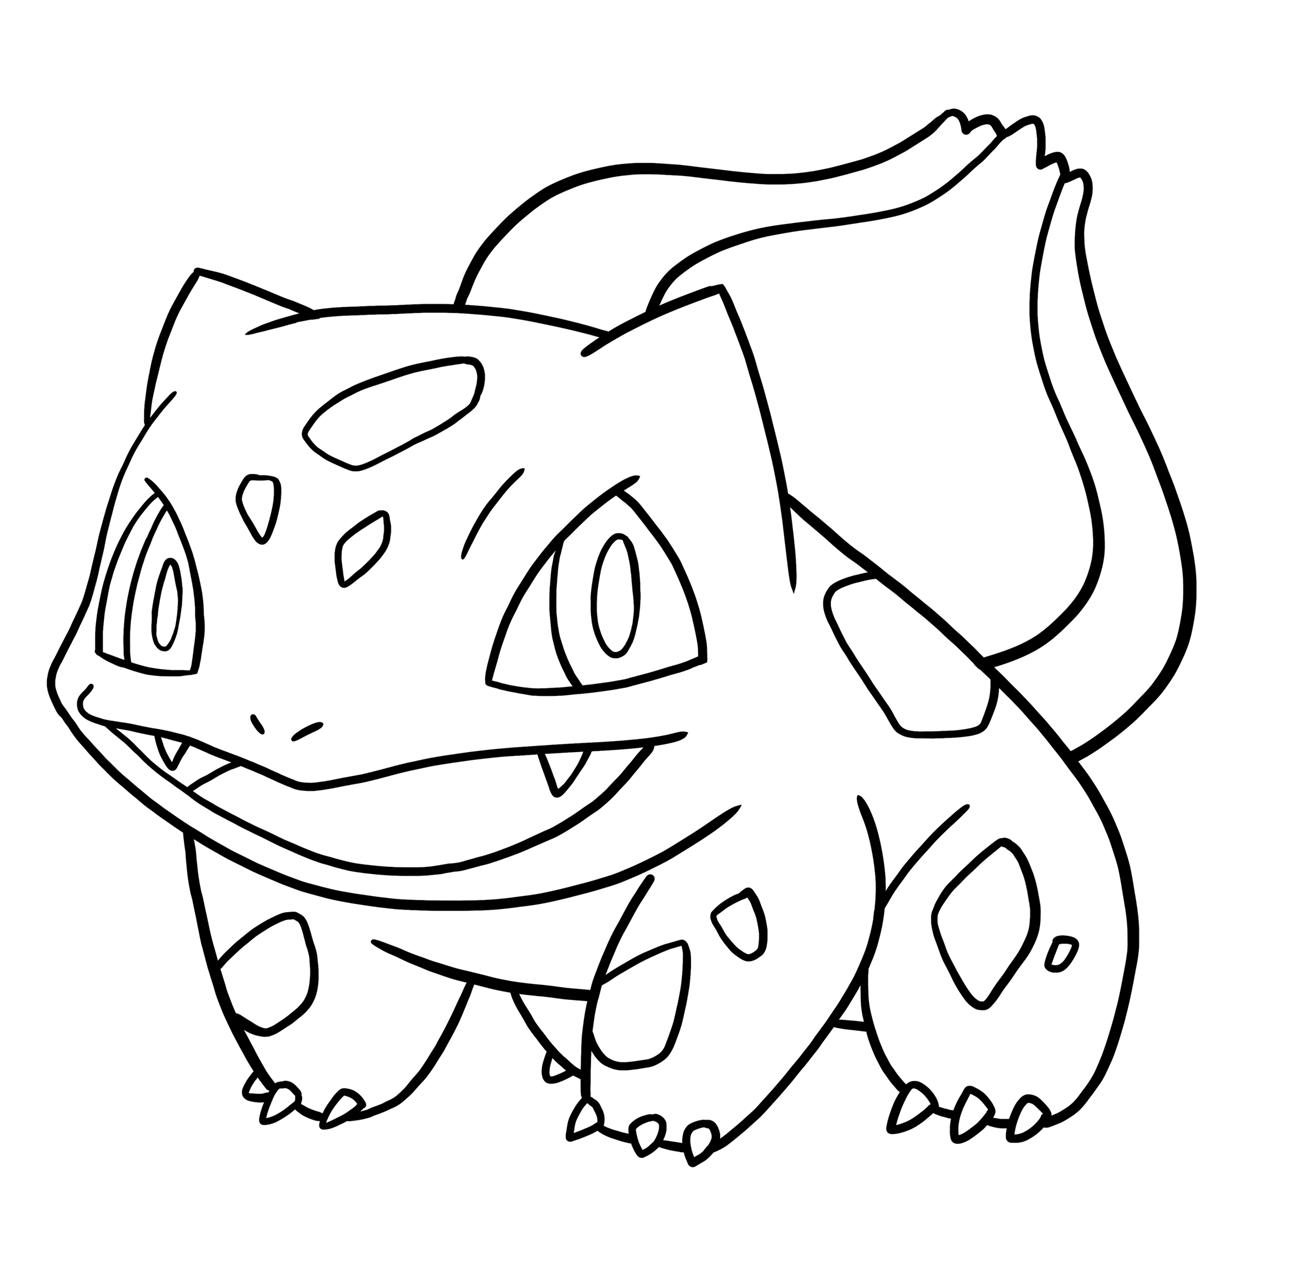 Pokémon - Gen. 1 - Bulbasaur - 1 - Erba